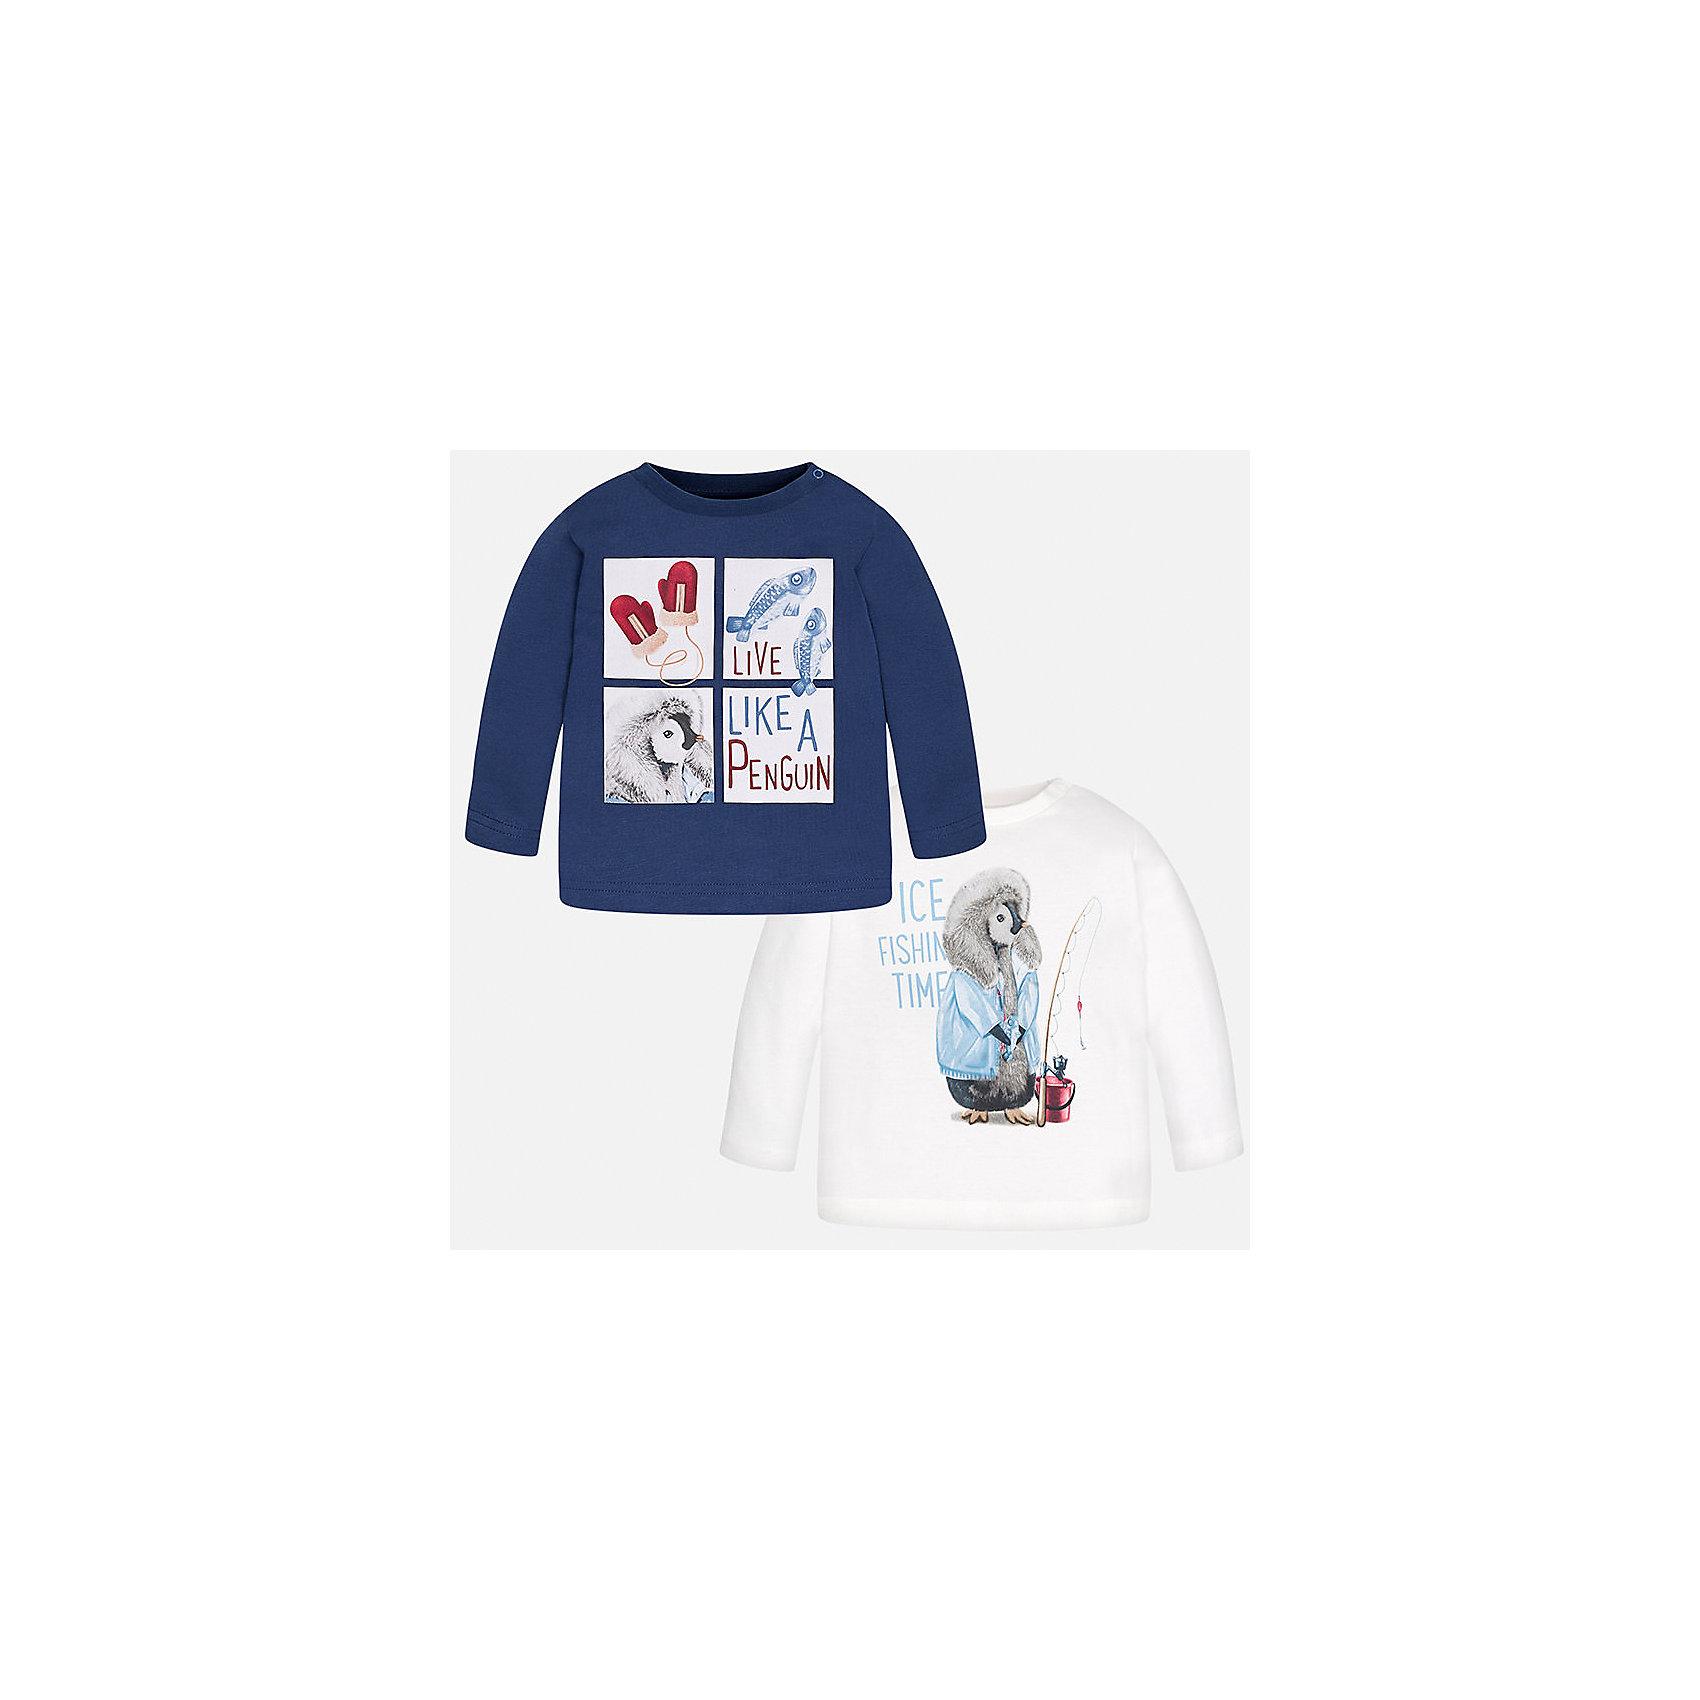 Футболка с длинным рукавом (2 шт.) Mayoral для мальчикаФутболки с длинным рукавом<br>Характеристики товара:<br><br>• цвет: синий/молочный;<br>• комплект: 2 шт.;<br>• состав ткани: 100% хлопок;<br>• длинный рукав;<br>• рисунок: принт;<br>• кнопка на воротнике;<br>• сезон: демисезон;<br>• страна бренда: Испания;<br>• страна изготовитель: Индия.<br><br>Комплект из двух футболок с длинным рукавом для мальчика от популярного бренда Mayoral  выполнен из натурального хлопка, ткань эластичная и приятная на ощупь. Однотонные модели декорированы принтом с изображением милых и забавных пингвинов, имеют круглый вырез и кнопки по плечевому шву для удобства переодевания малыша.  <br><br>Обе модели очень практичны и долги в носке, цвет не тускнеет, смотрятся аккуратно и стильно. Идеально подходит для повседневной одежды как дома, так и на прогулку.<br><br>Для производства детской одежды популярный бренд Mayoral используют только качественную фурнитуру и материалы. Оригинальные и модные вещи от Майорал неизменно привлекают внимание и нравятся детям.<br><br>Комплект из двух футболок с длинным рукавом для мальчика Mayoral (Майорал) можно купить в нашем интернет-магазине.<br><br>Ширина мм: 230<br>Глубина мм: 40<br>Высота мм: 220<br>Вес г: 250<br>Цвет: бежевый<br>Возраст от месяцев: 24<br>Возраст до месяцев: 36<br>Пол: Мужской<br>Возраст: Детский<br>Размер: 98,74,80,86,92<br>SKU: 6932362